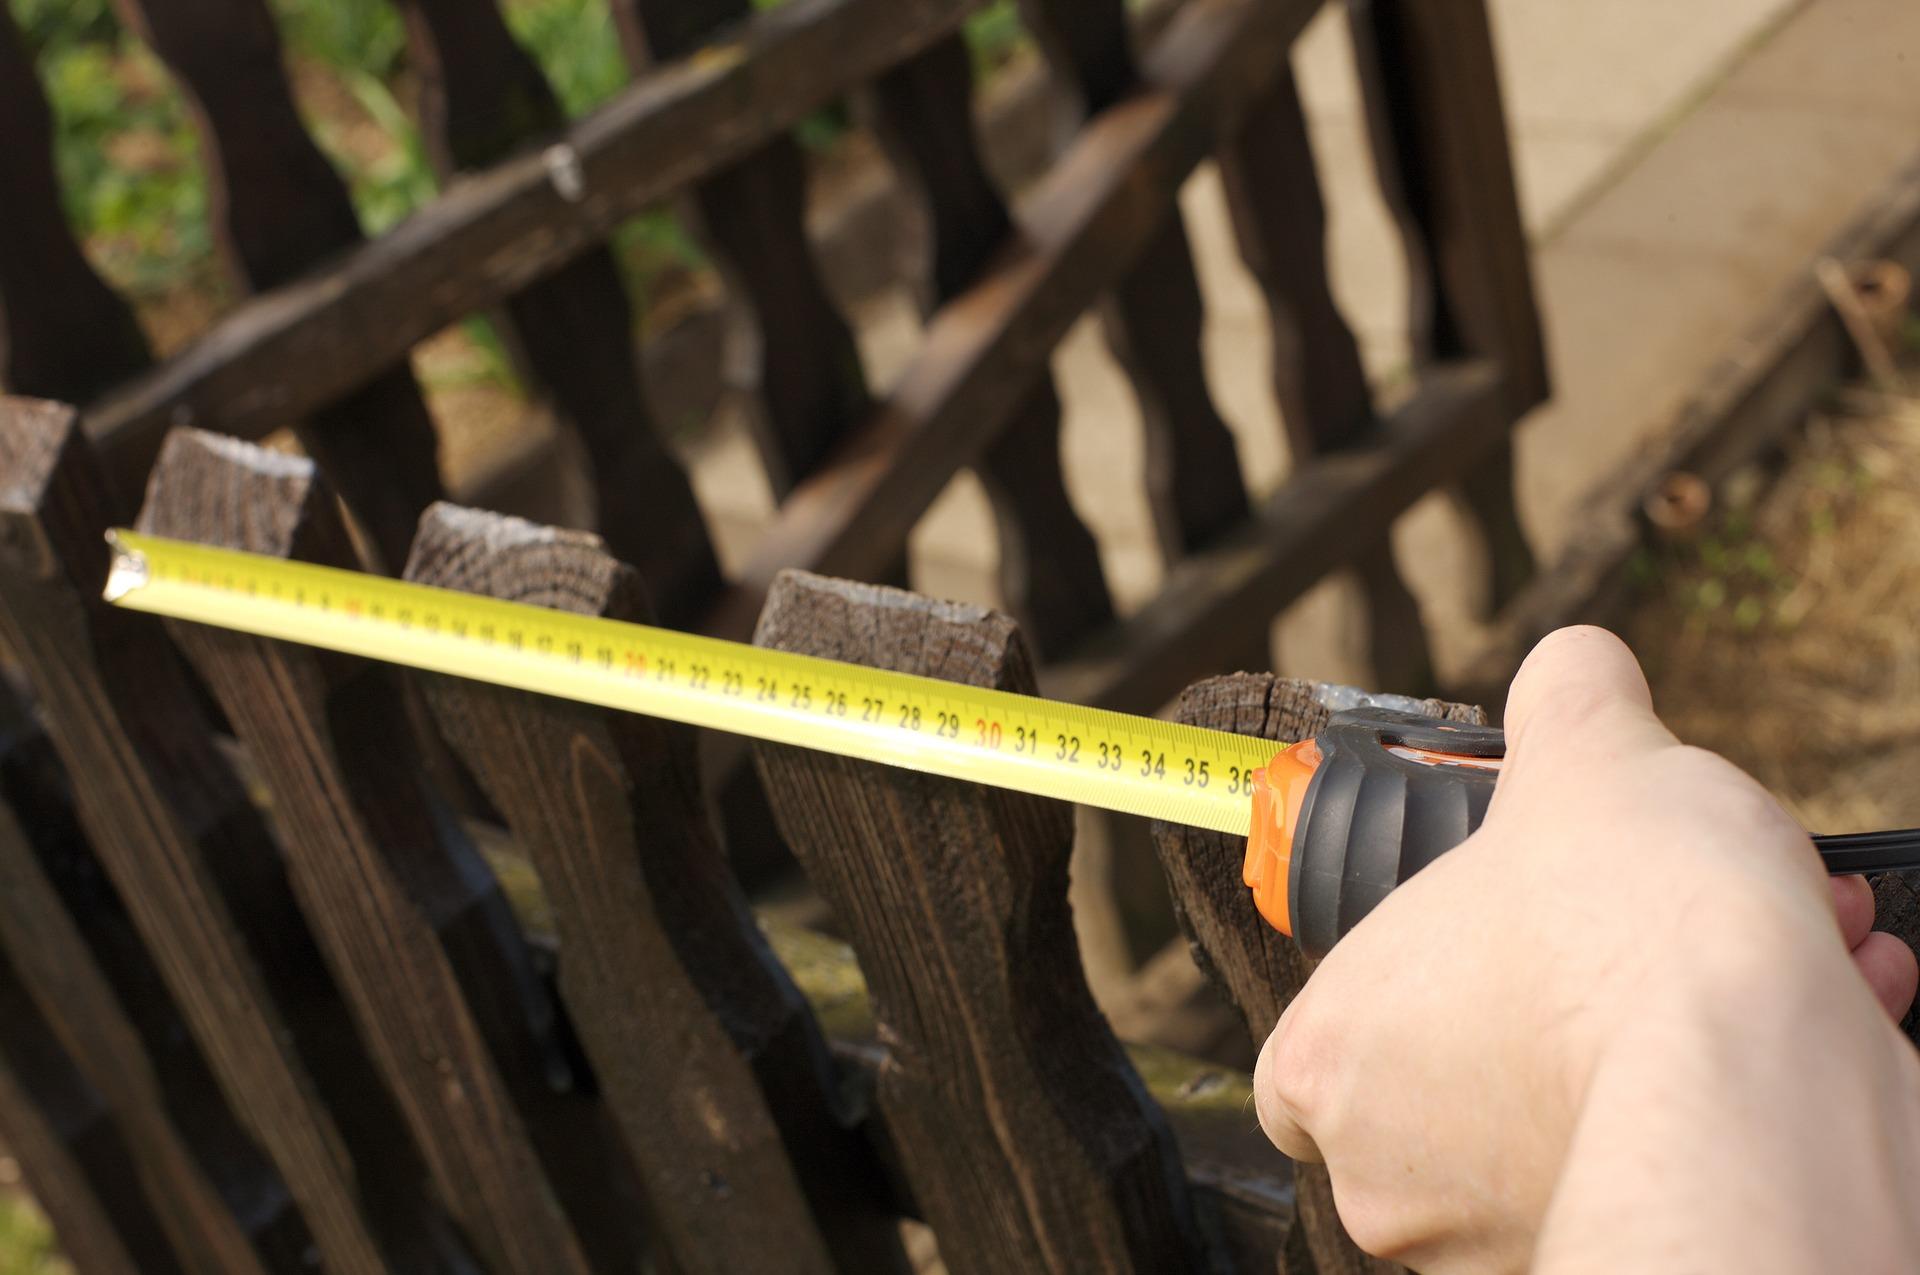 Massband messen langer strecken